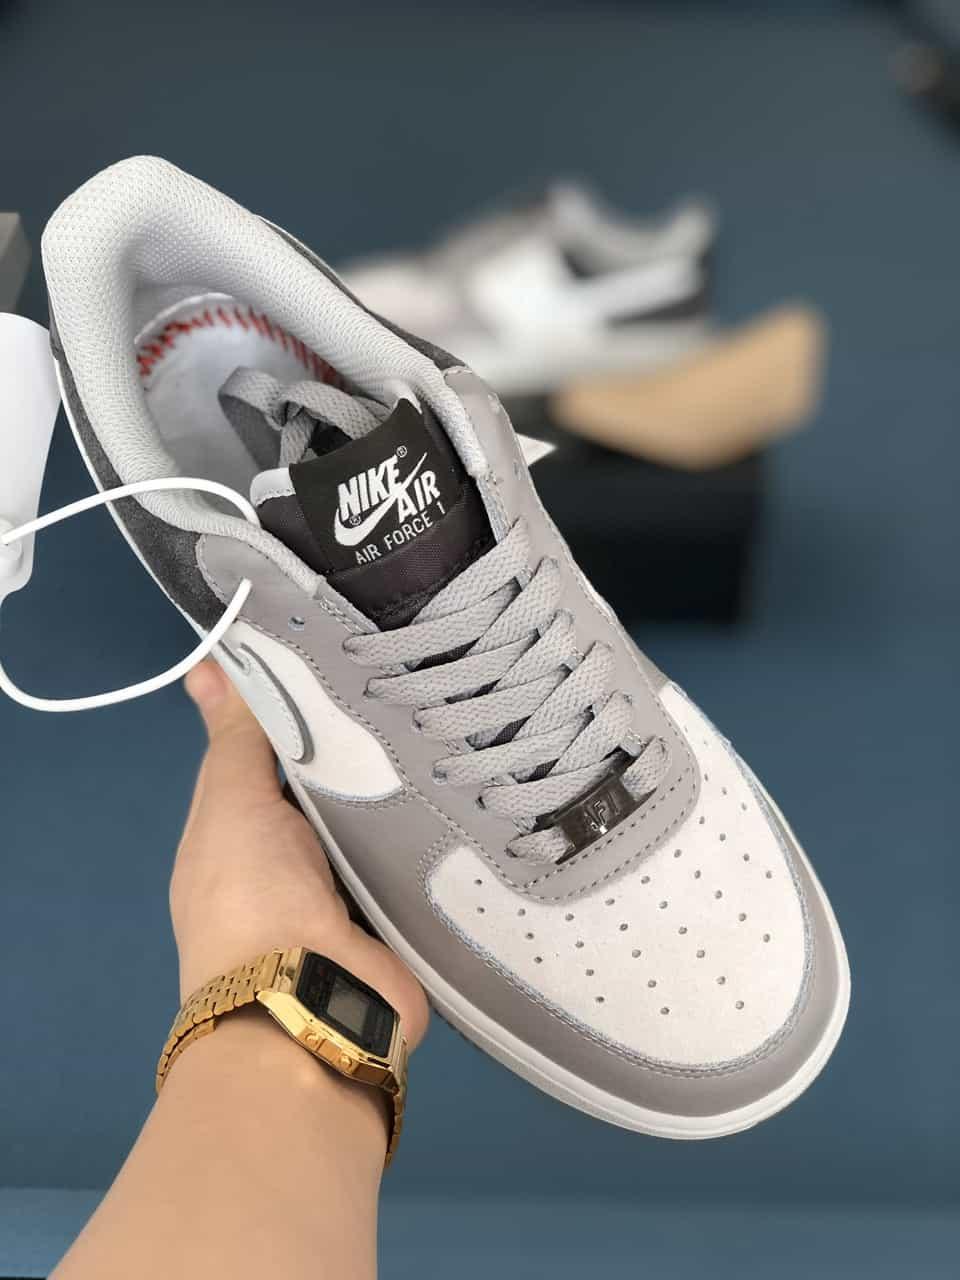 Giày Nike Air Force 1 Xám Đen rep 1:1 là 1 trong những phiên bản mới của Nike vừa ra mắt